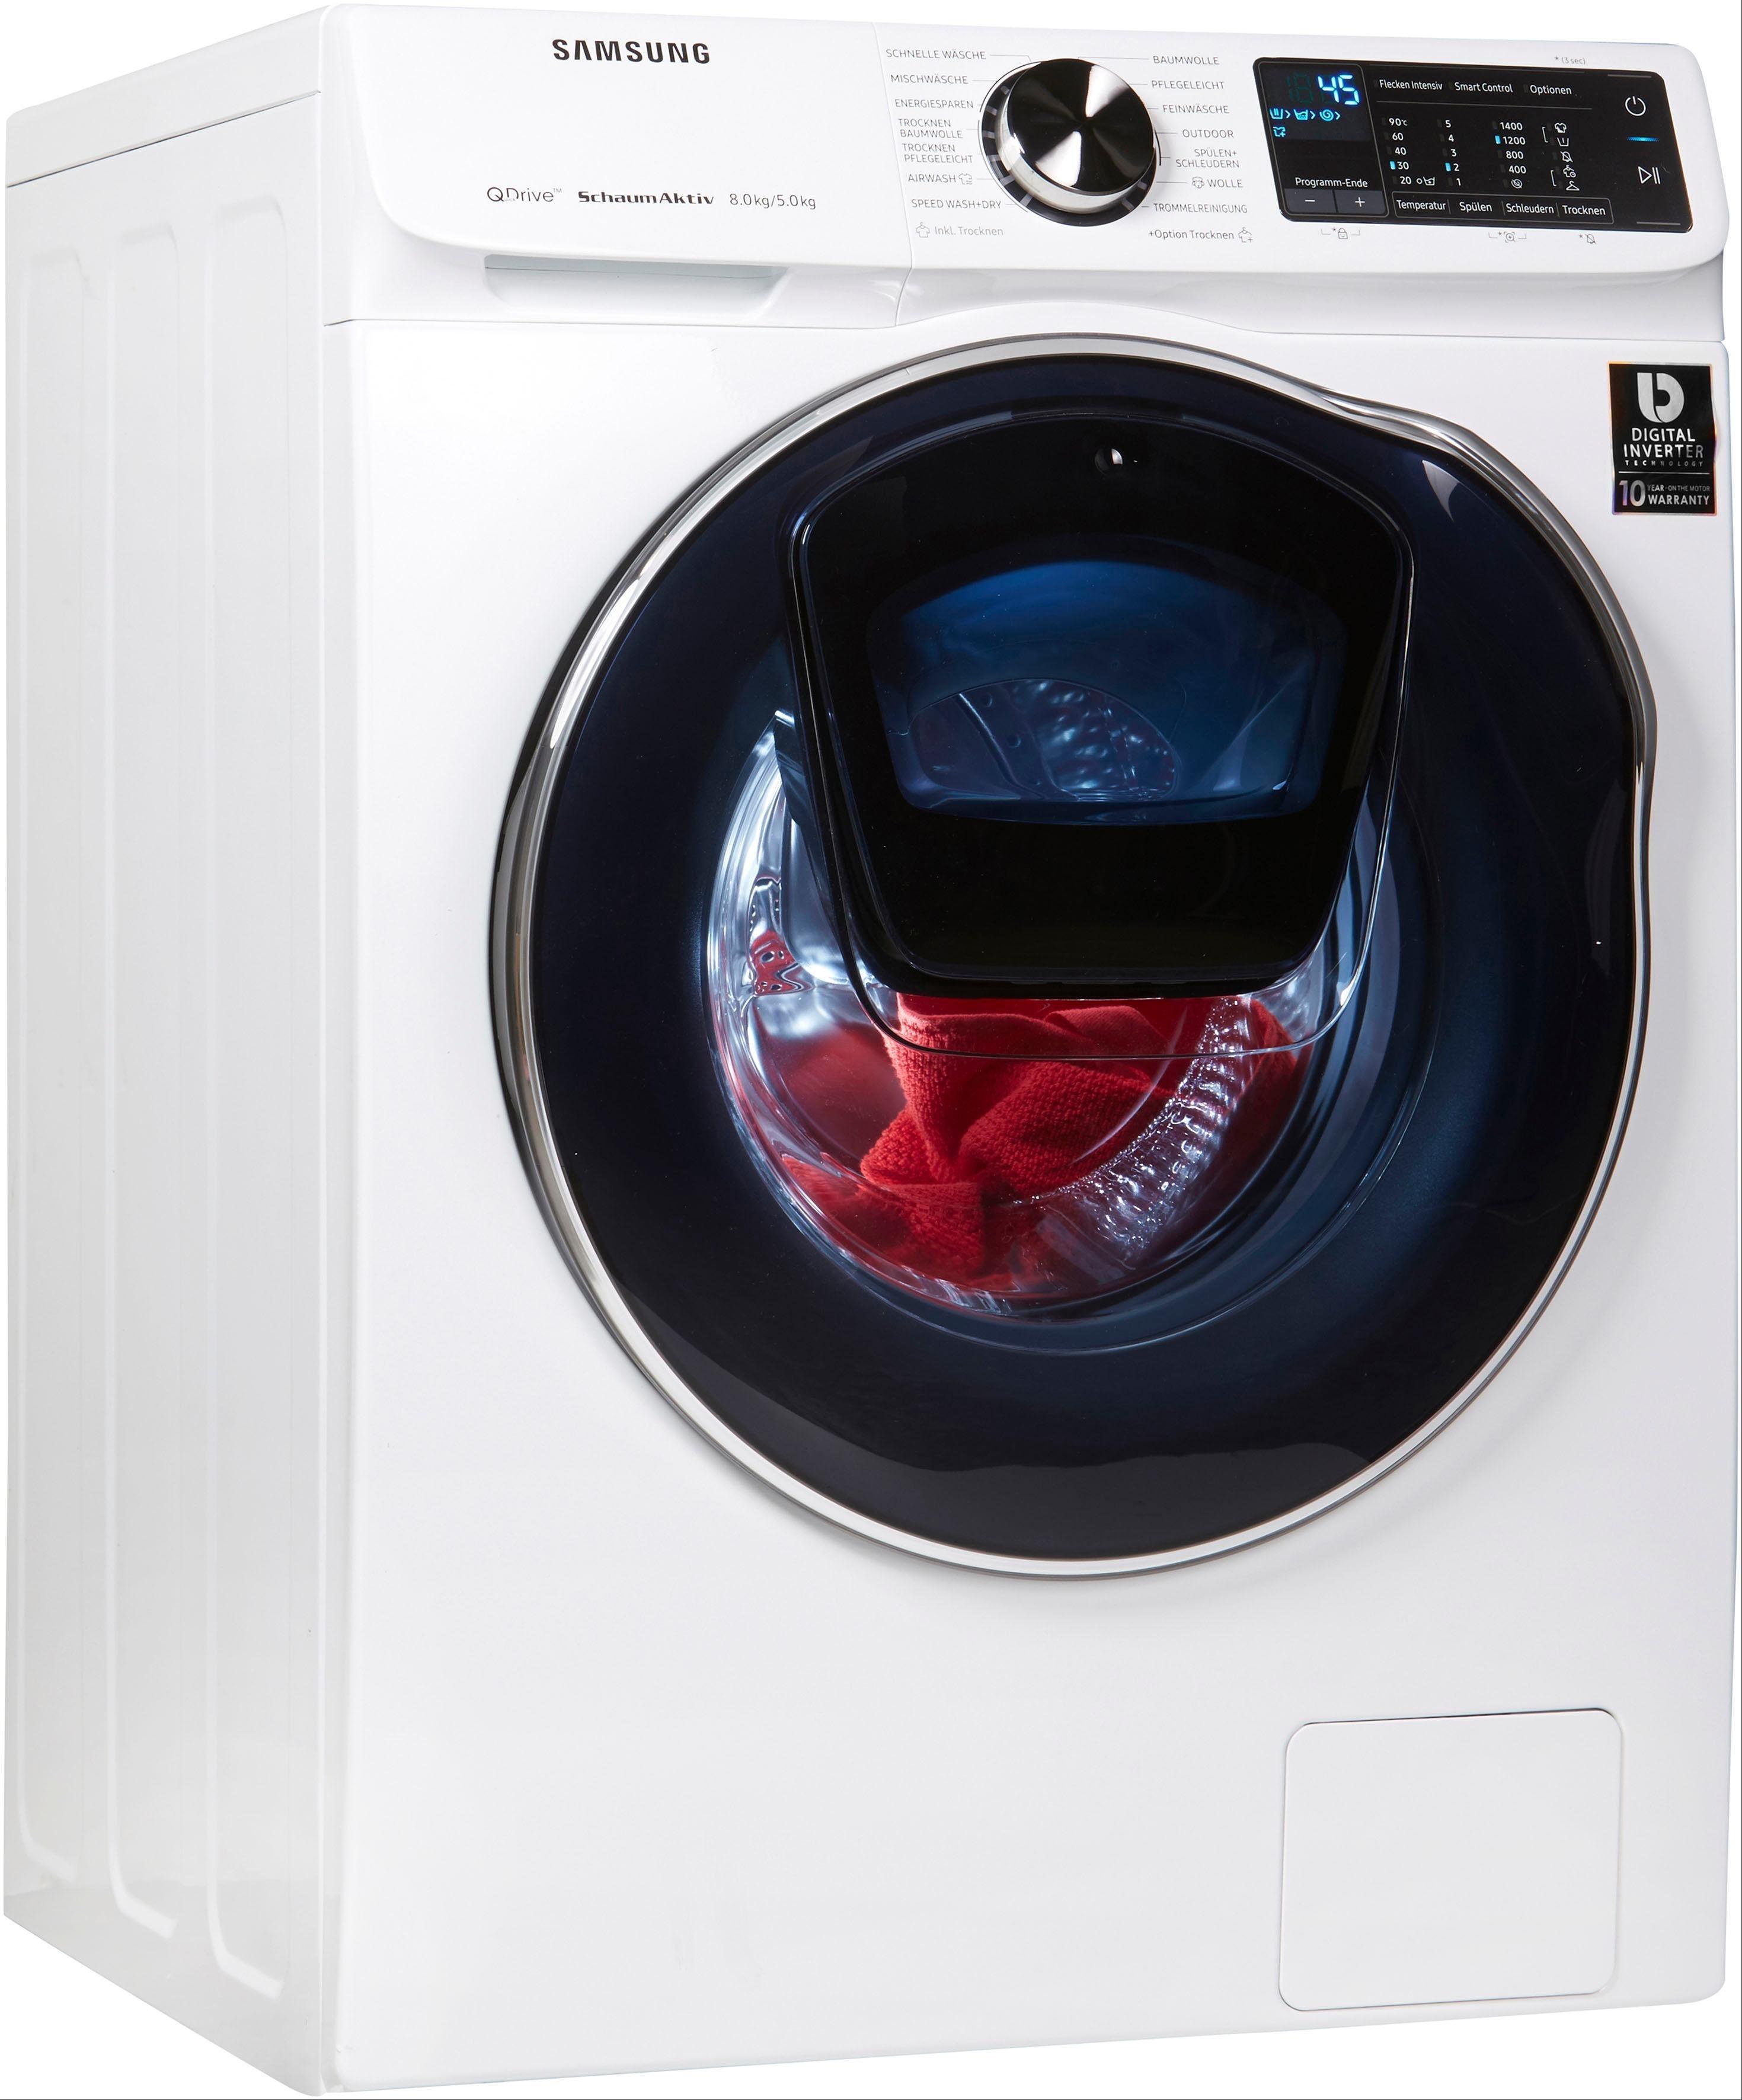 Samsung Waschtrockner WD6800 QuickDrive, 8 kg/5 kg, 1400 U/Min, AddWash